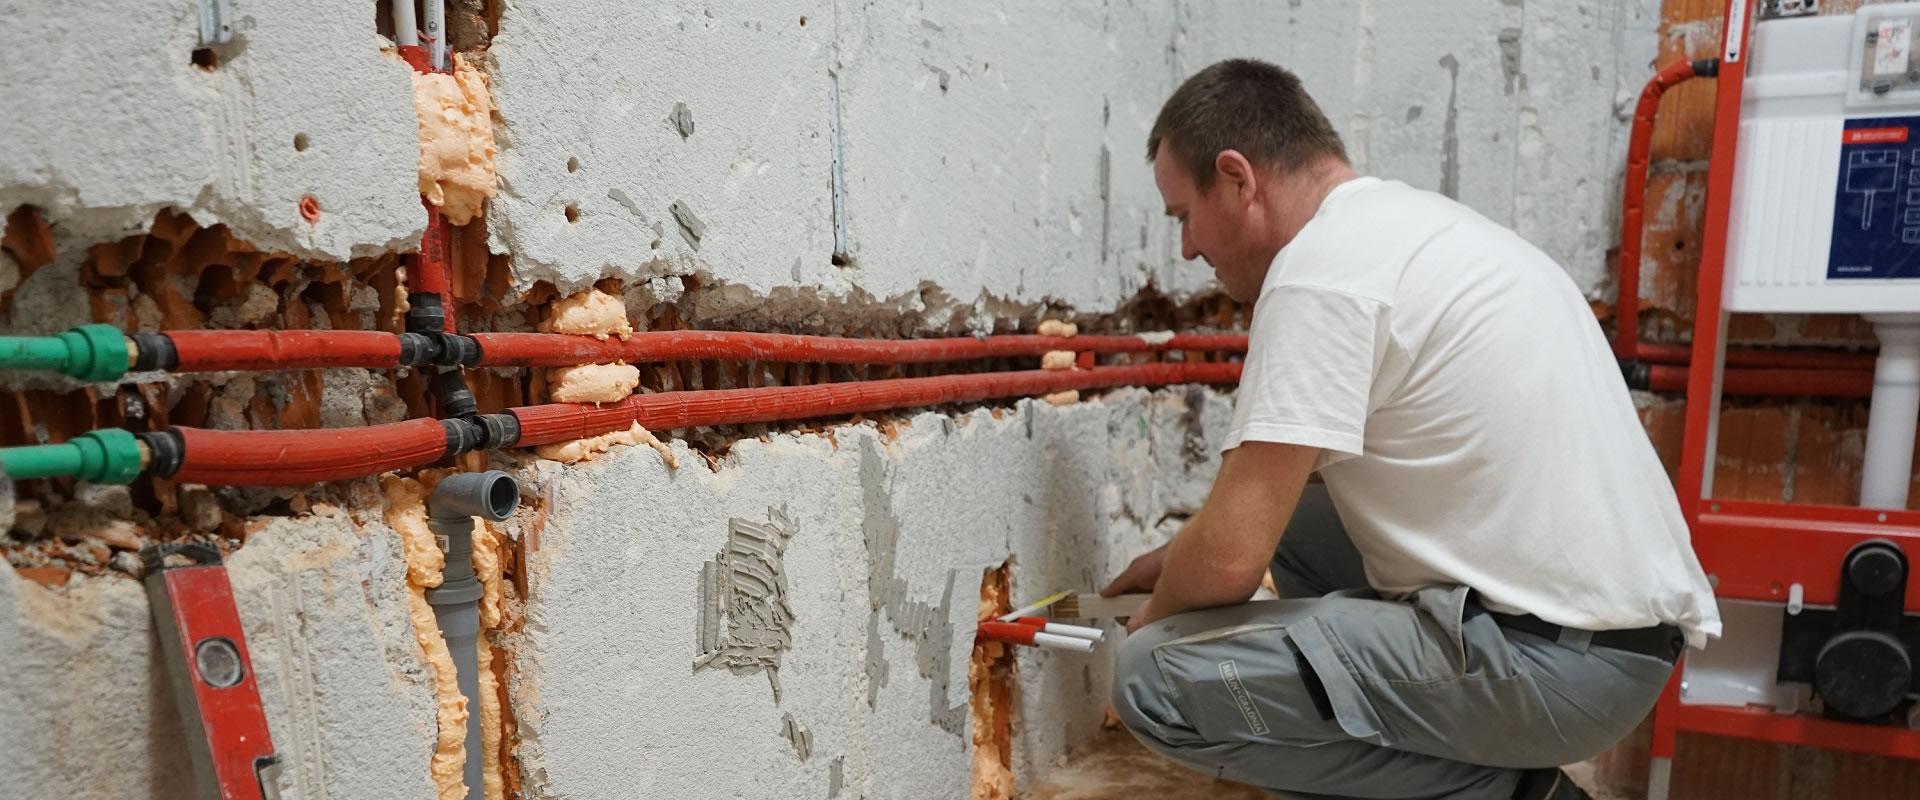 Od zamjene cijevi do montaže vodokotlića: Pogledajte kako napreduje renoviranje kupaonice